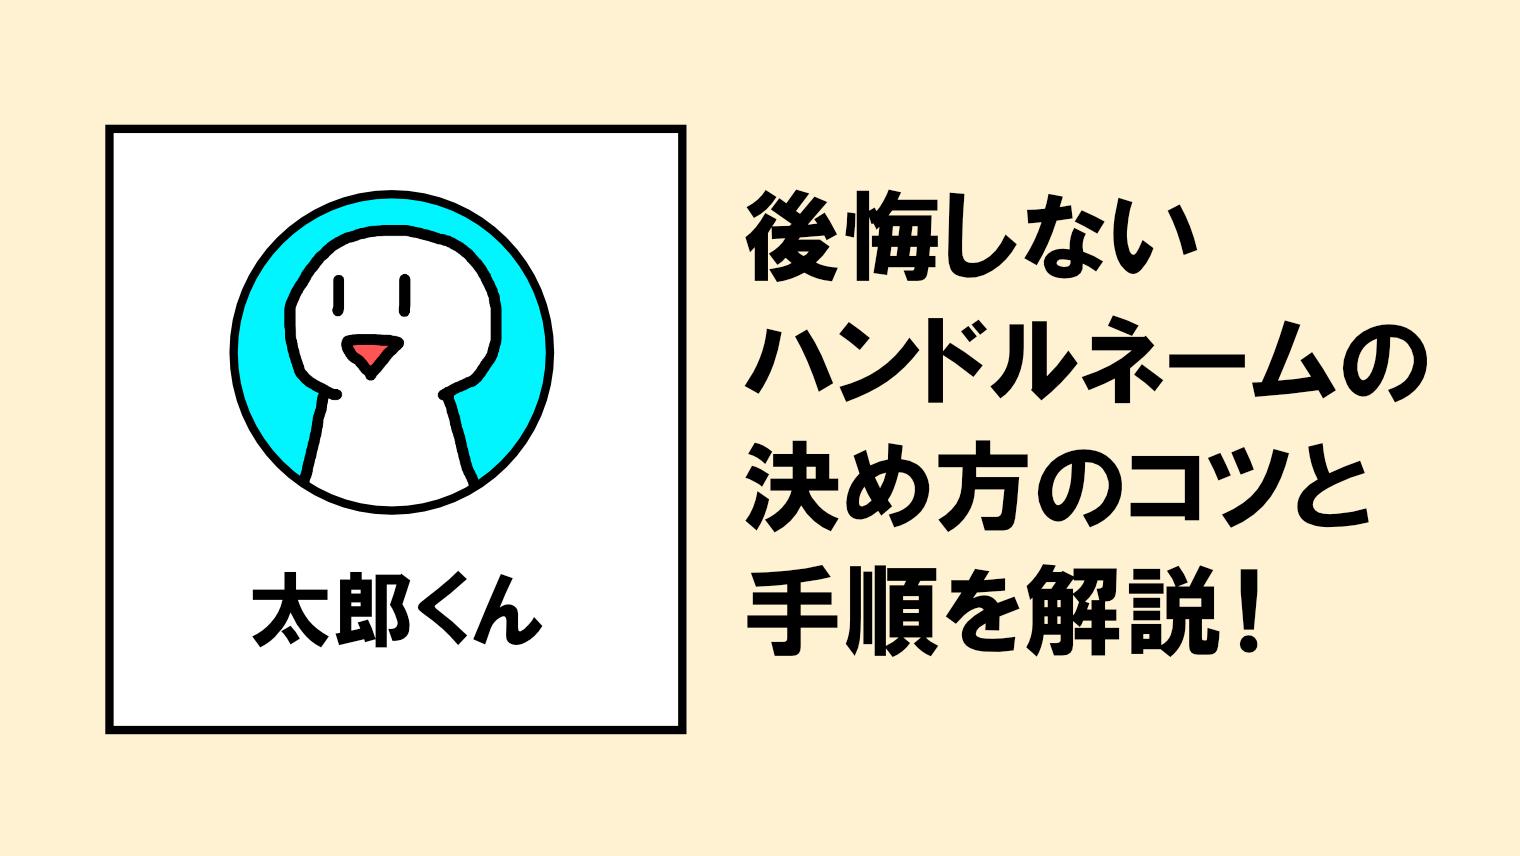 後悔しないハンドルネームの決め方のコツ&手順を解説!